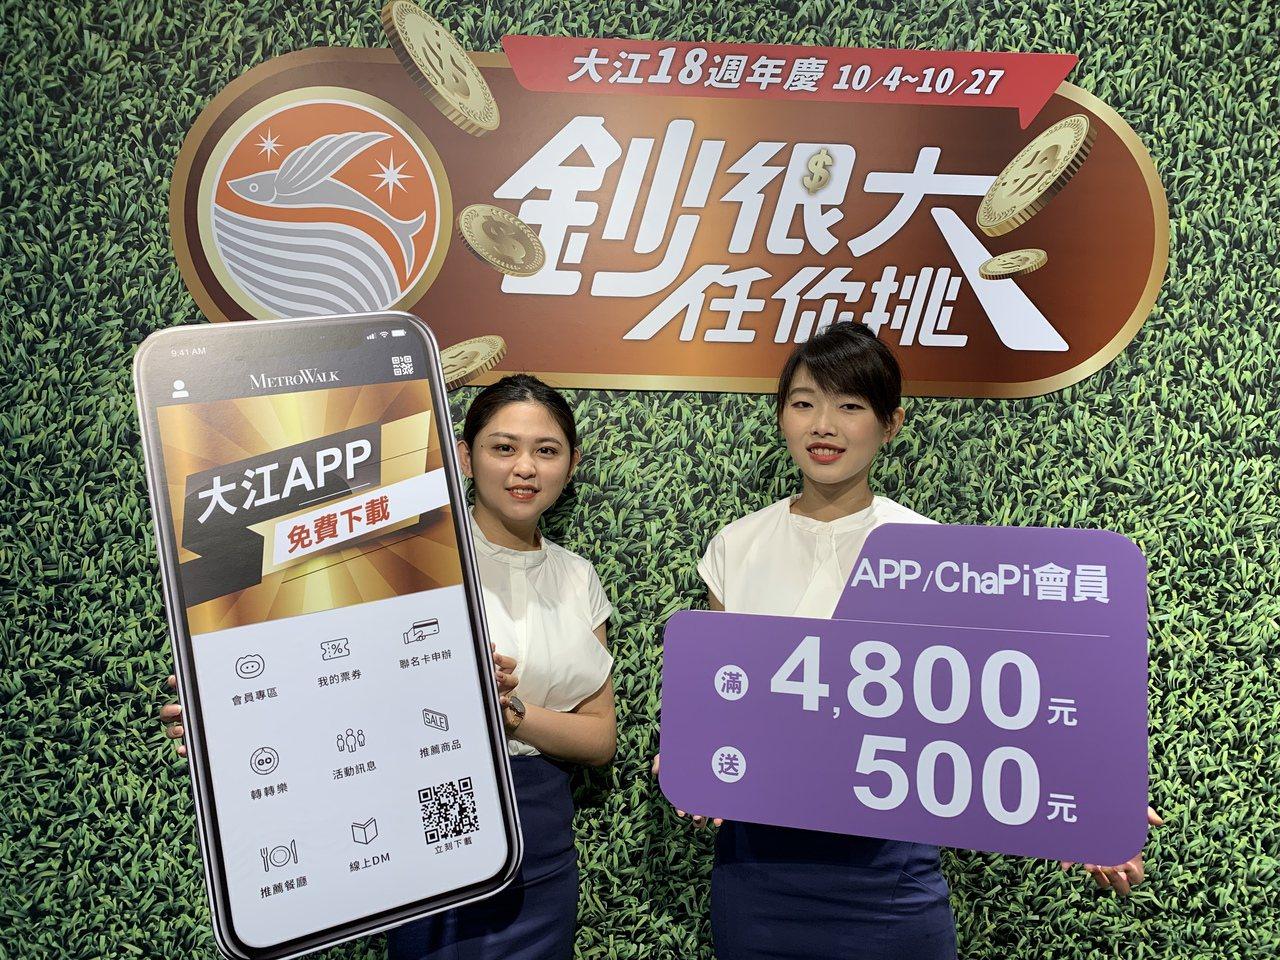 大江購物中心推出加入APP會員,單筆消費滿999送150、UNIQLO消費滿2,...